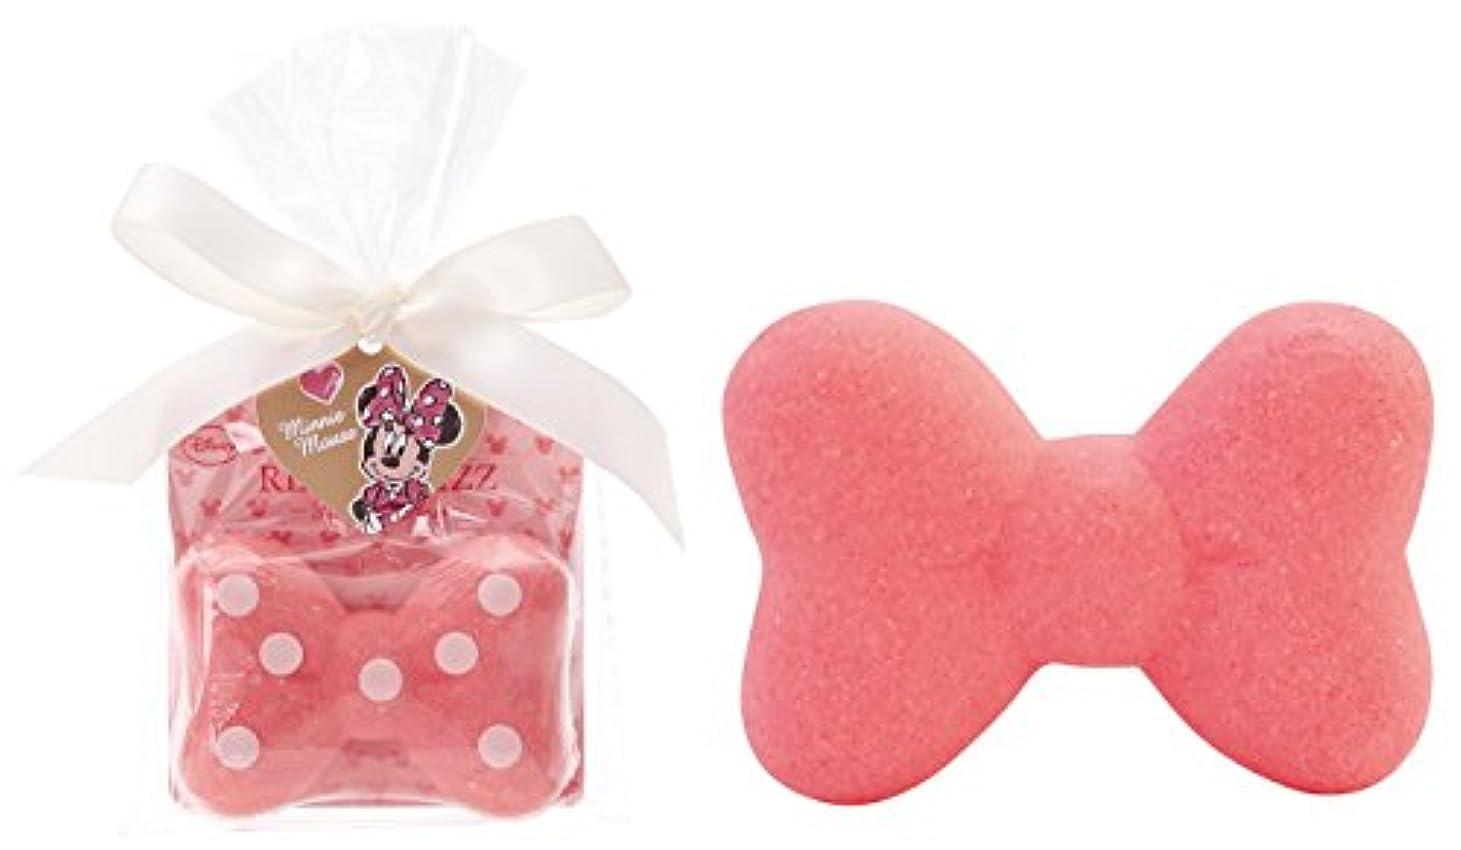 強調する穀物ダイエットディズニー 入浴剤 ミニーマウス リボン バスフィズ 30g ロマンスローズの香り DIP-82-01